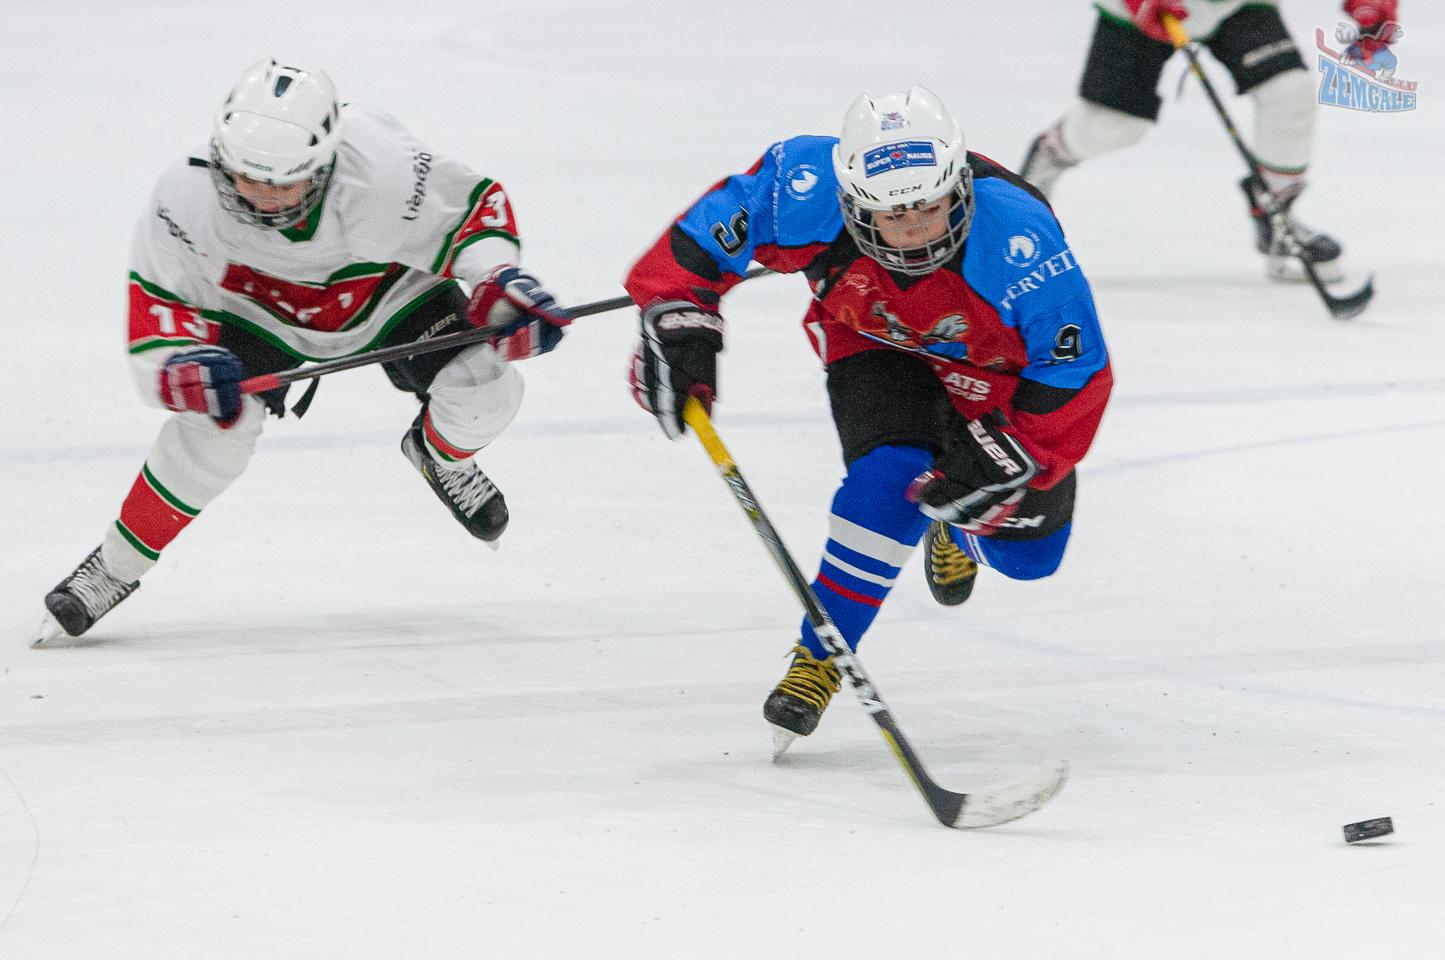 Jelgavas hokeja skola JLSS U11 A - Liepāja SSS 2010 LBJČH 13102019-20